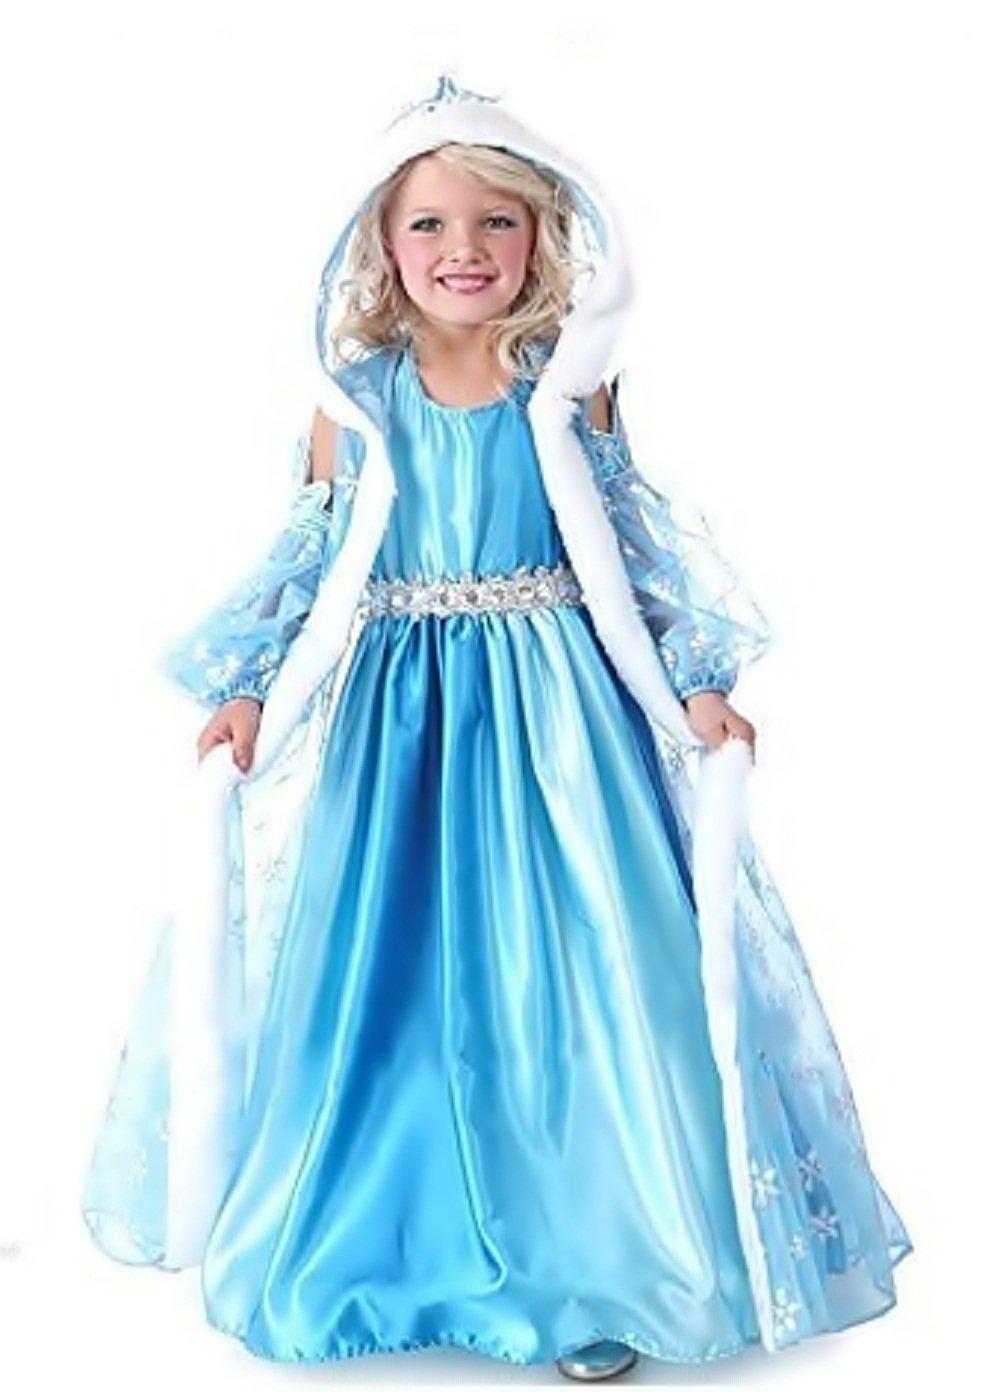 Inception Pro Infinite Talla 140 - 7 - 8 años - Traje - Disfraz - Carnaval - Halloween - Elsa - Niña - Capucha - Frozen: Amazon.es: Juguetes y juegos